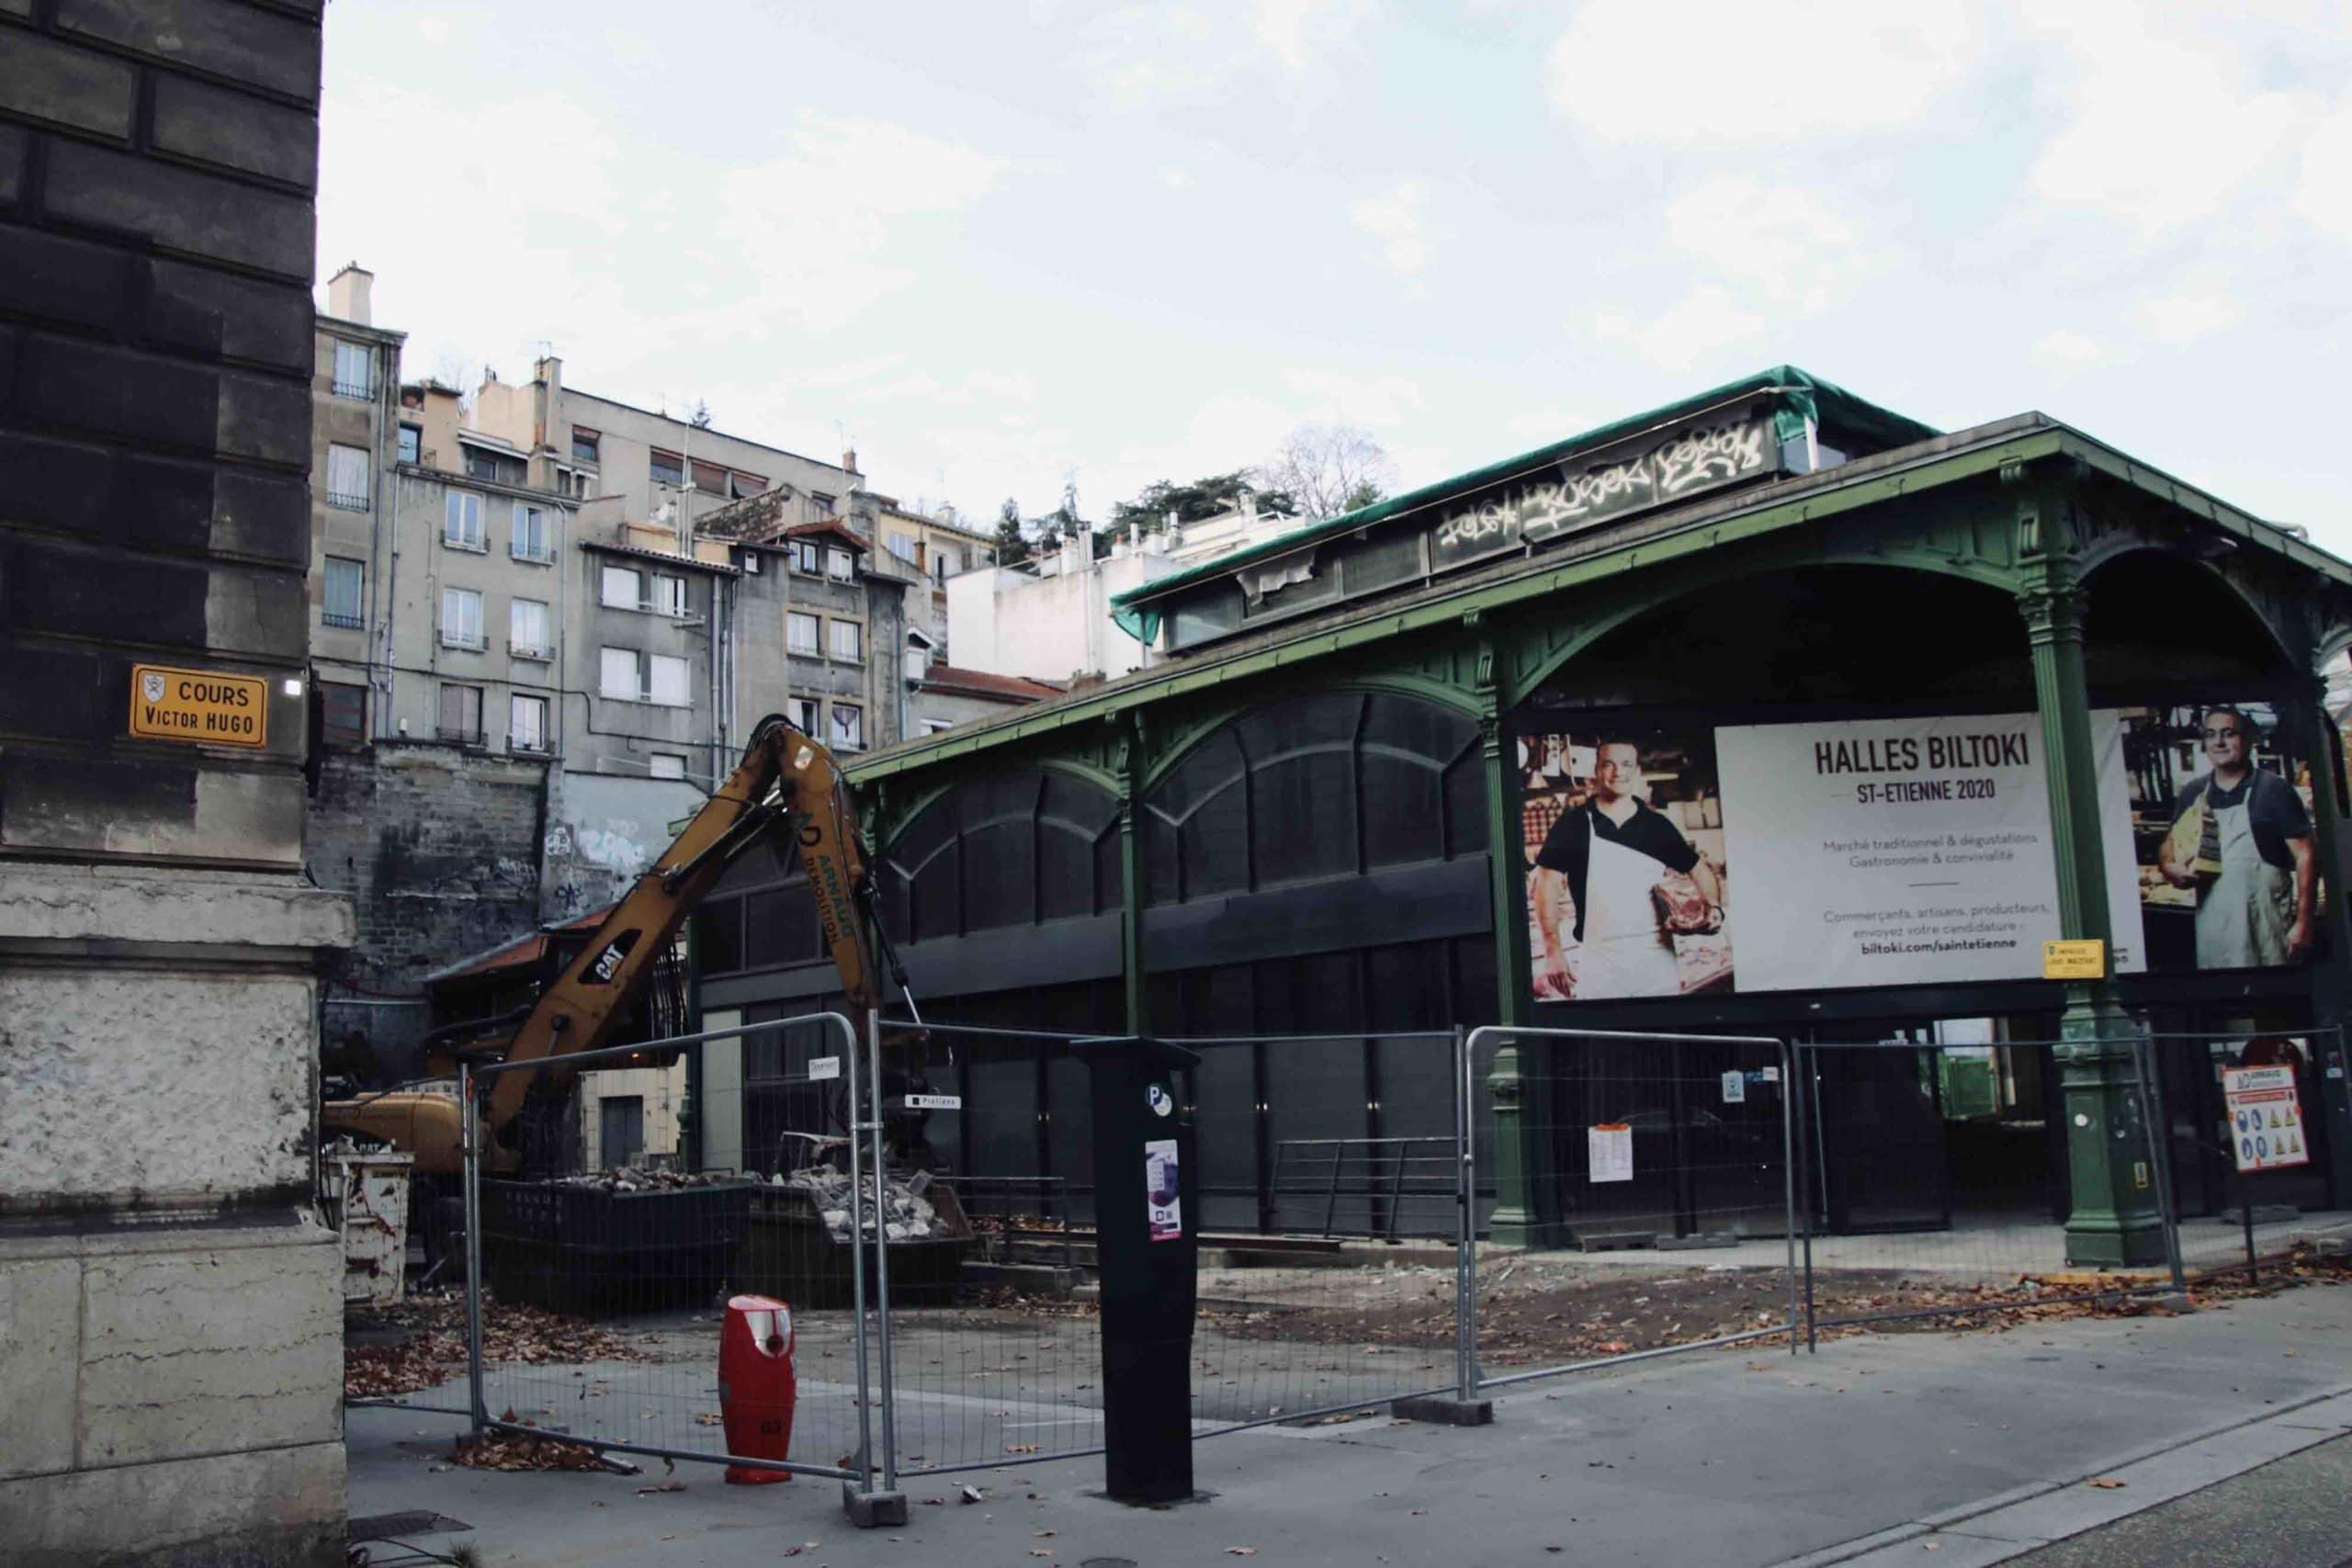 Halles Biltoki à Saint-Etienne durant la confinement automne 2020